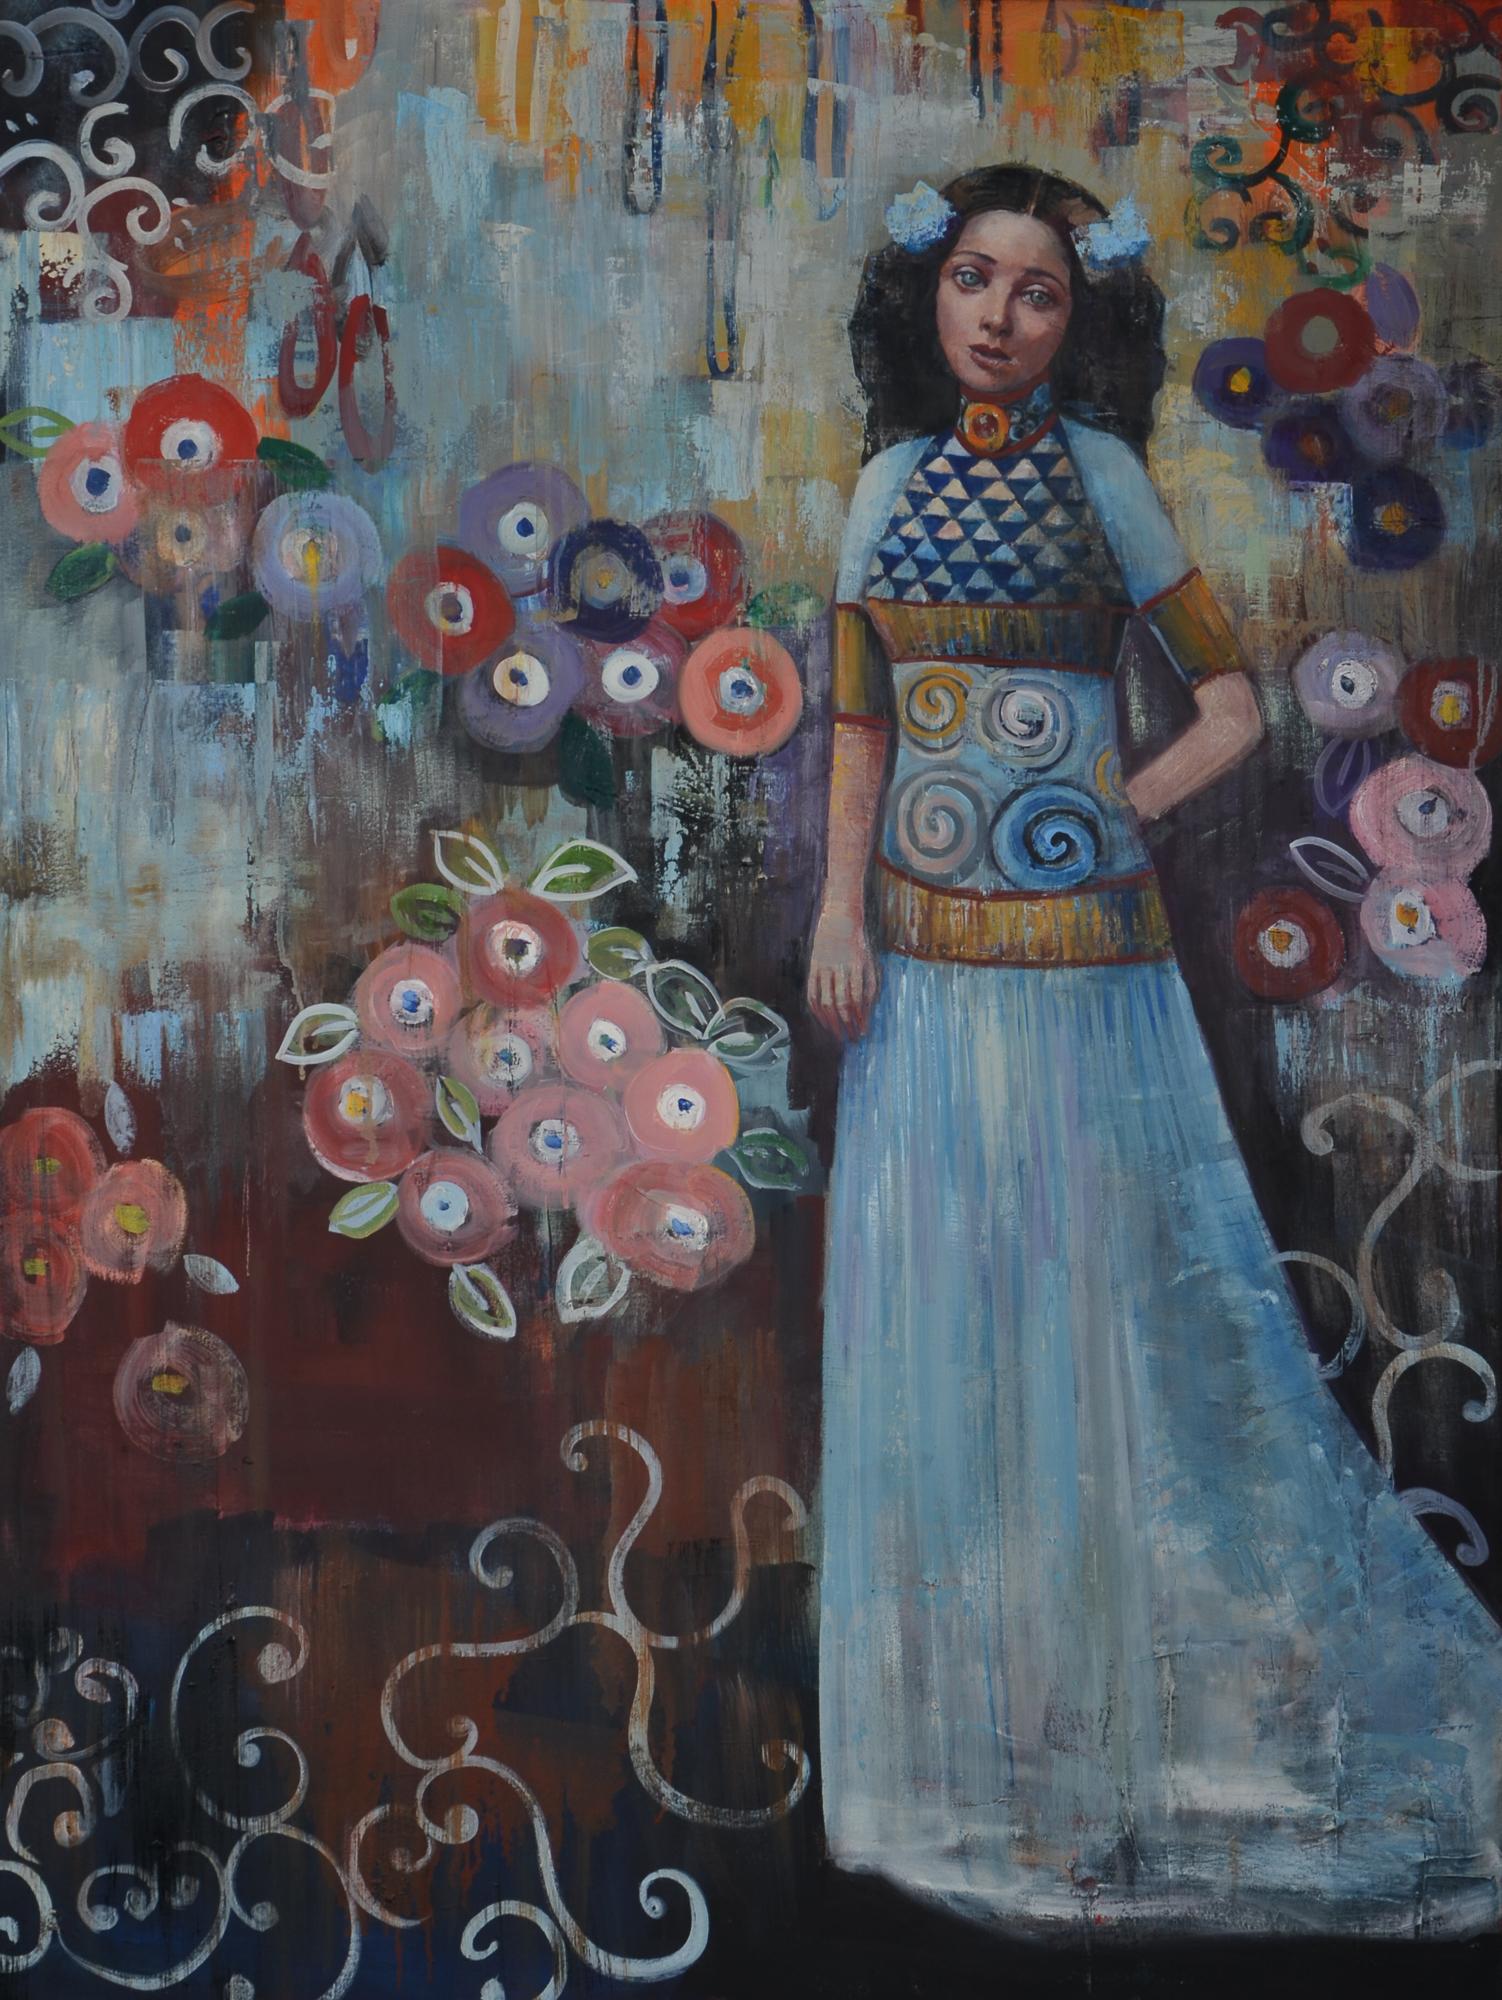 Azul(48x36)oil on canvas 2018